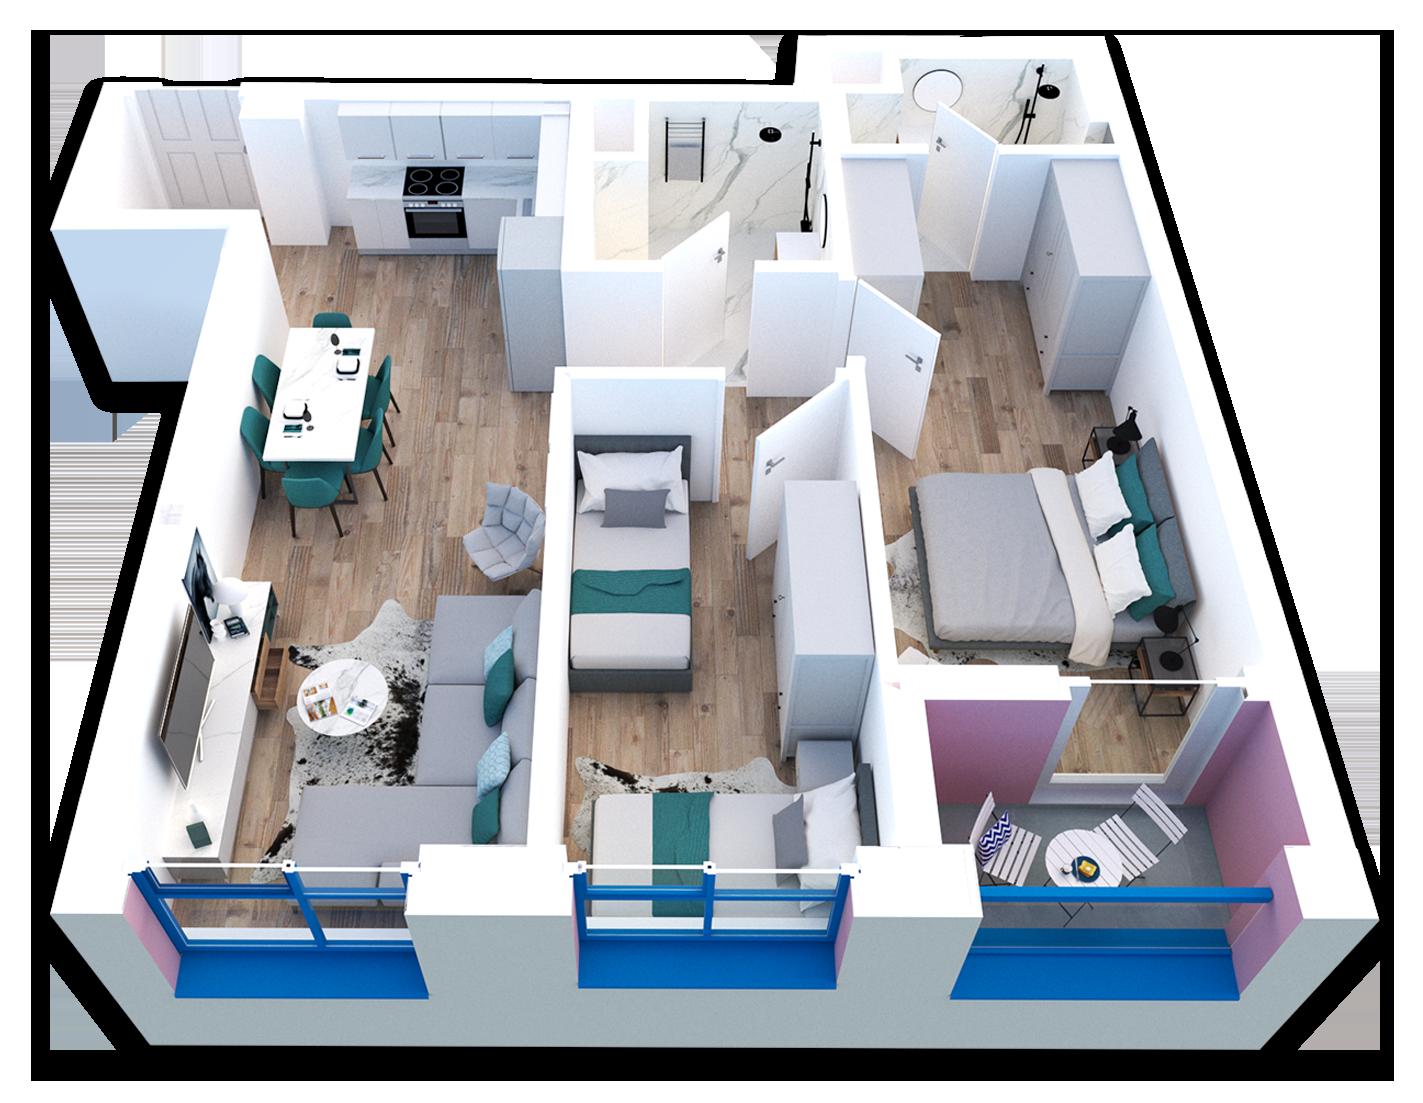 Apartament 2+1 në shitje në Tiranë - Mangalem 21 Shkalla 22 Kati 2